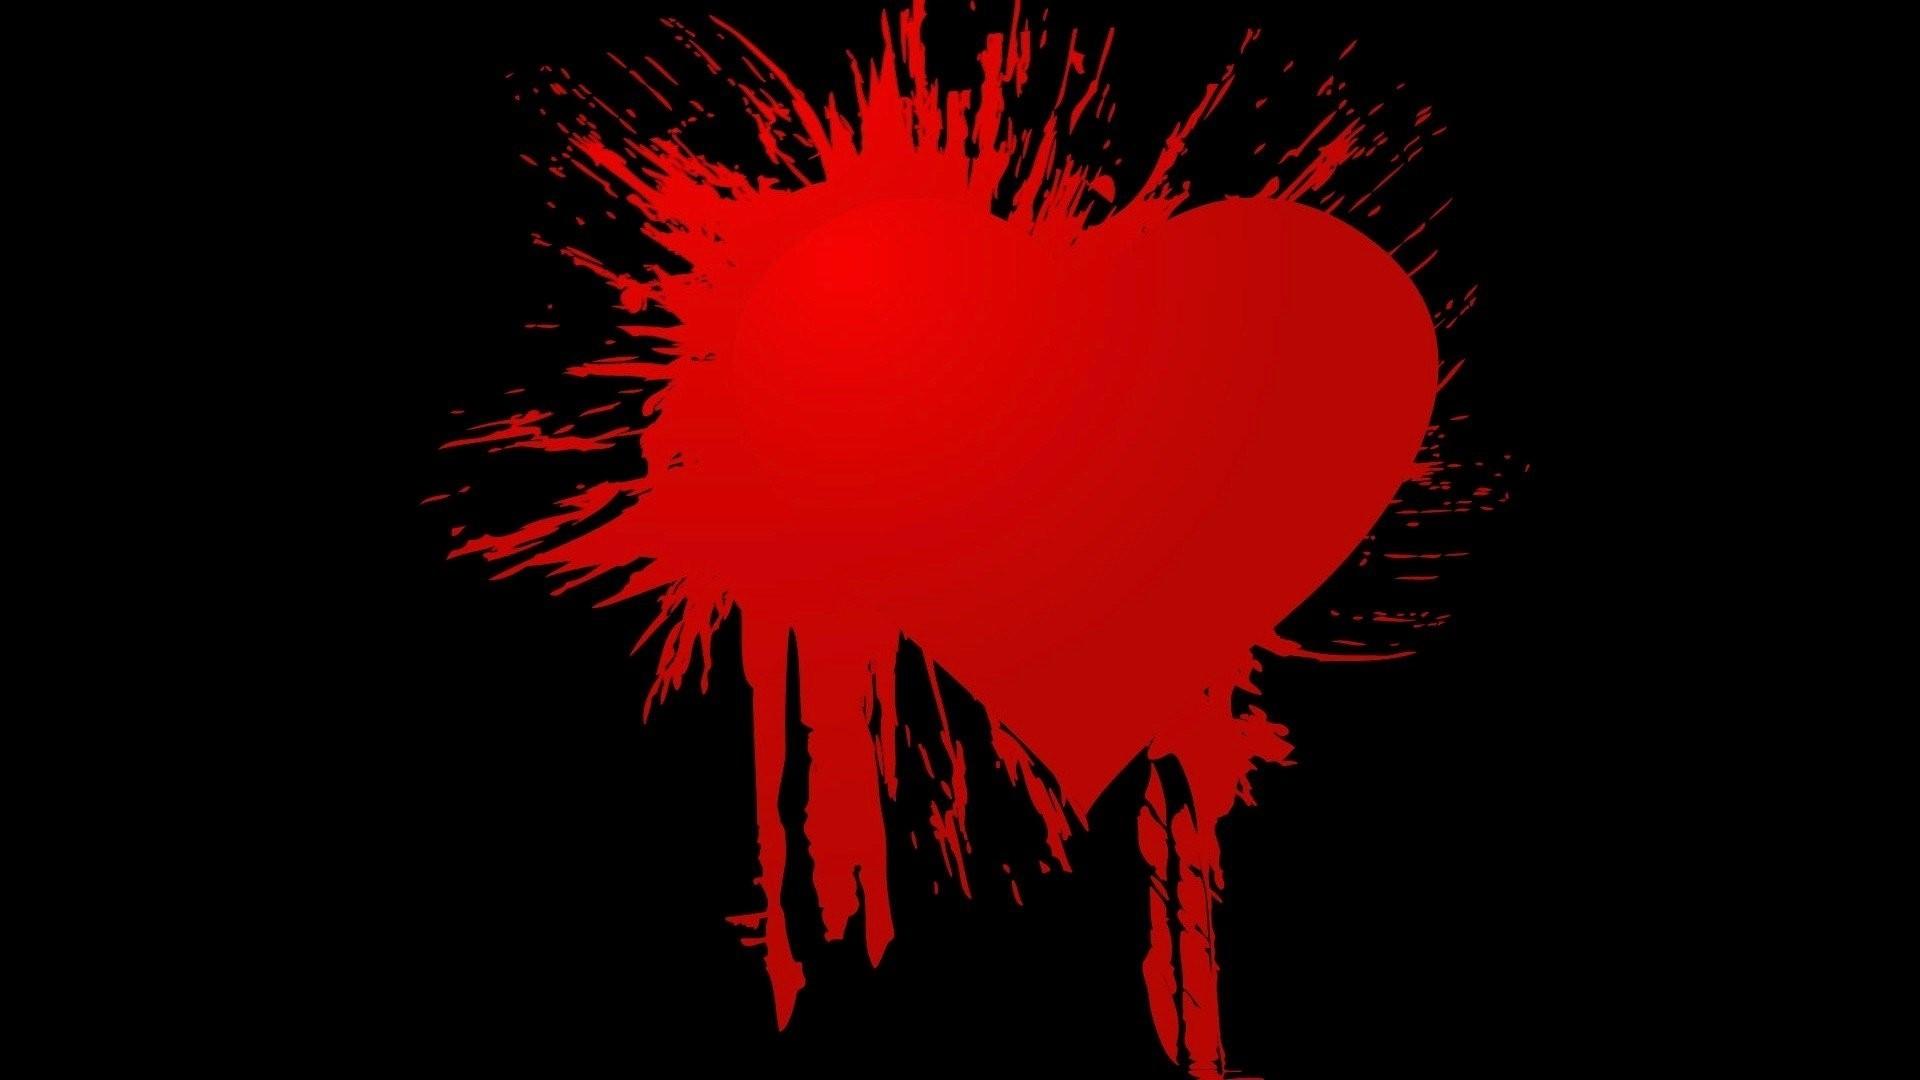 Broken Heart Wallpaper theme